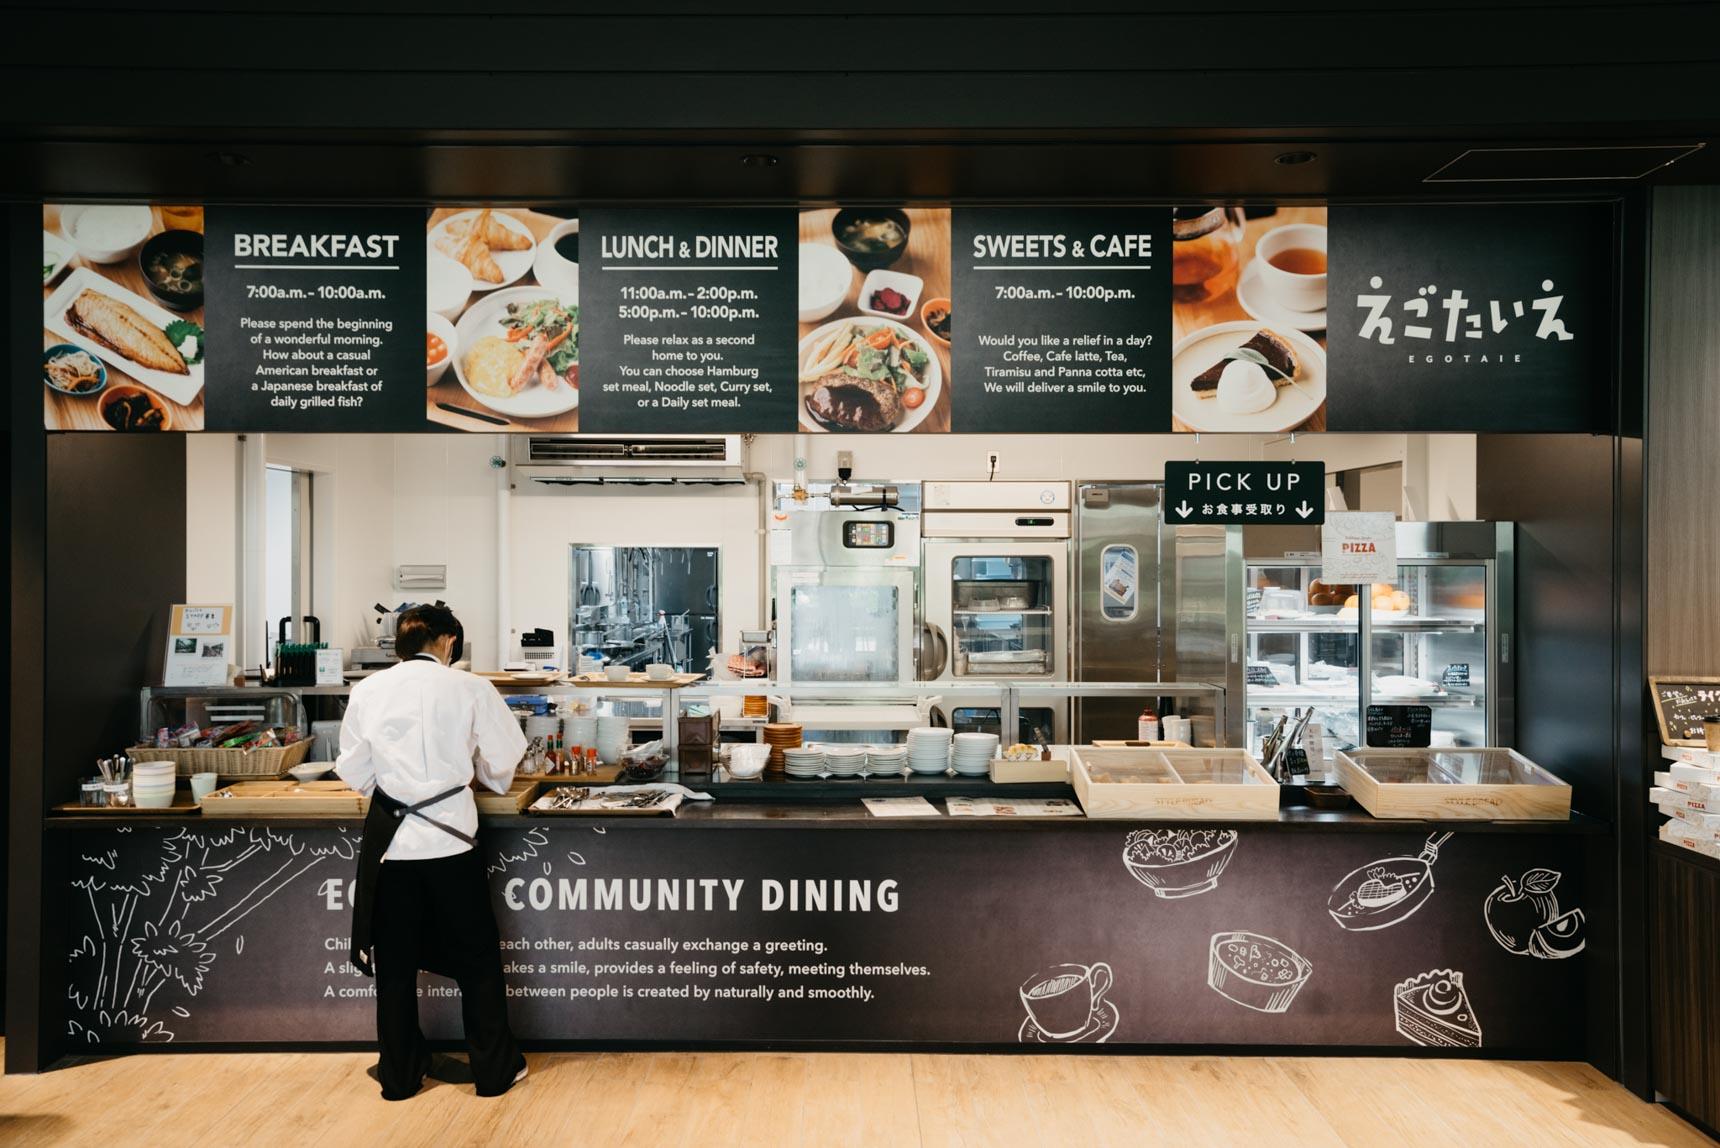 シニア向け、学生向けマンションに入居する方への食事提供も兼ねている施設ですが、青山のイタリアンレストラン「Casita」などを運営する、サニーテーブルが料理を提供。味にもサービスにもこだわった、質の高い食事を摂ることができます。営業時間は朝7時から、夜の22時(ラストオーダー21時)まで。